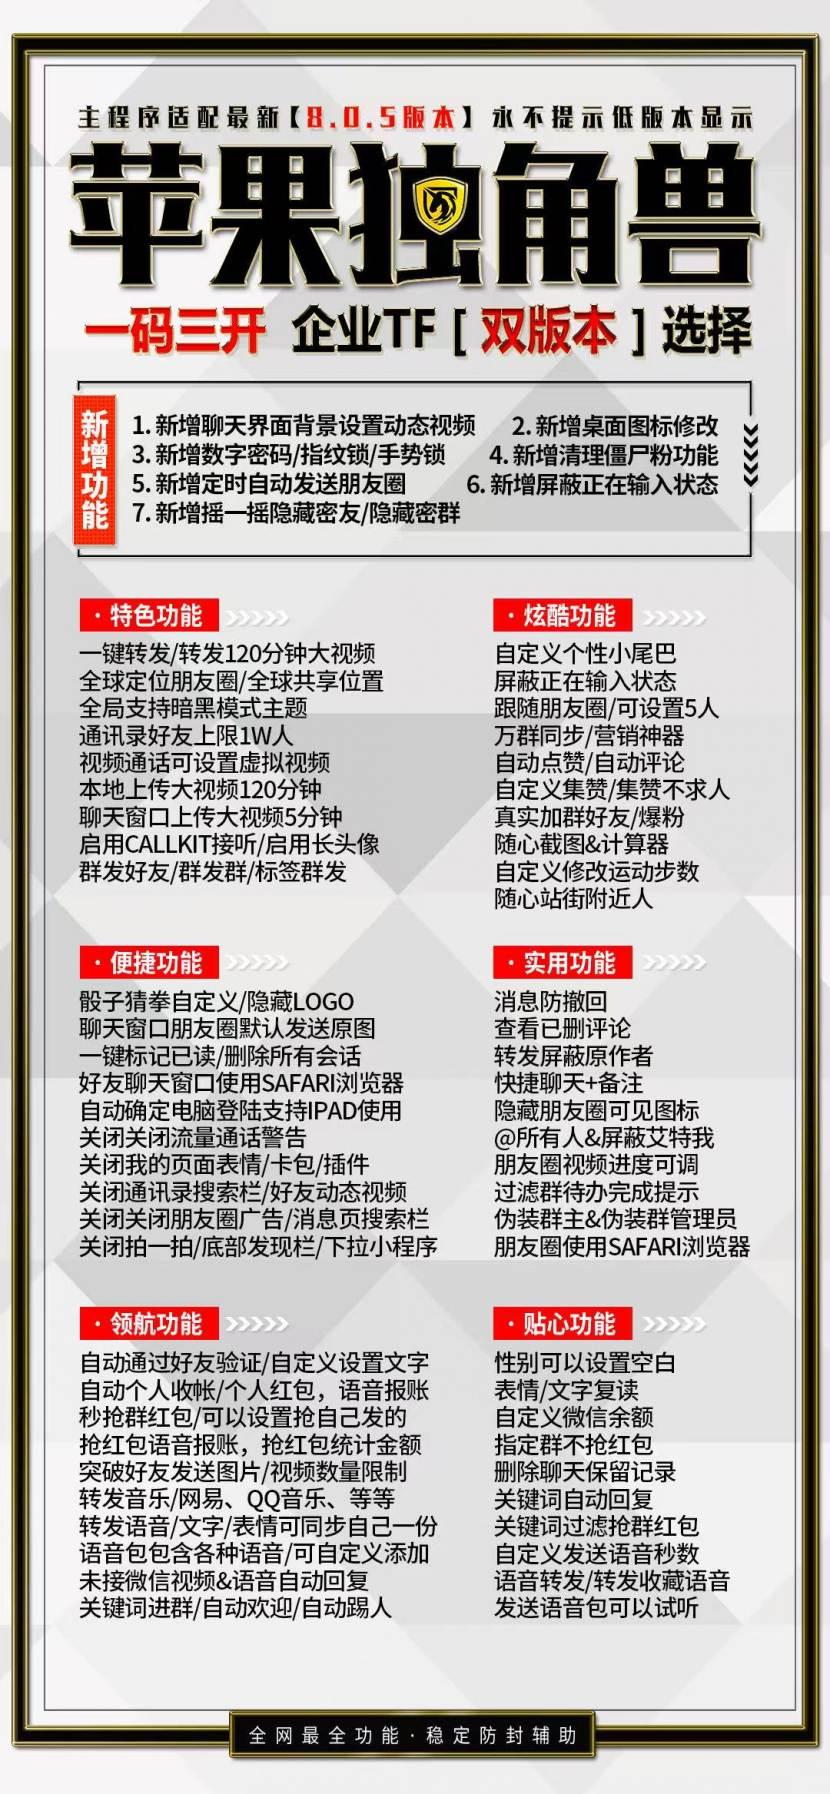 苹果独角兽TF版【背景动态视频定时朋友圈密友清理僵尸】